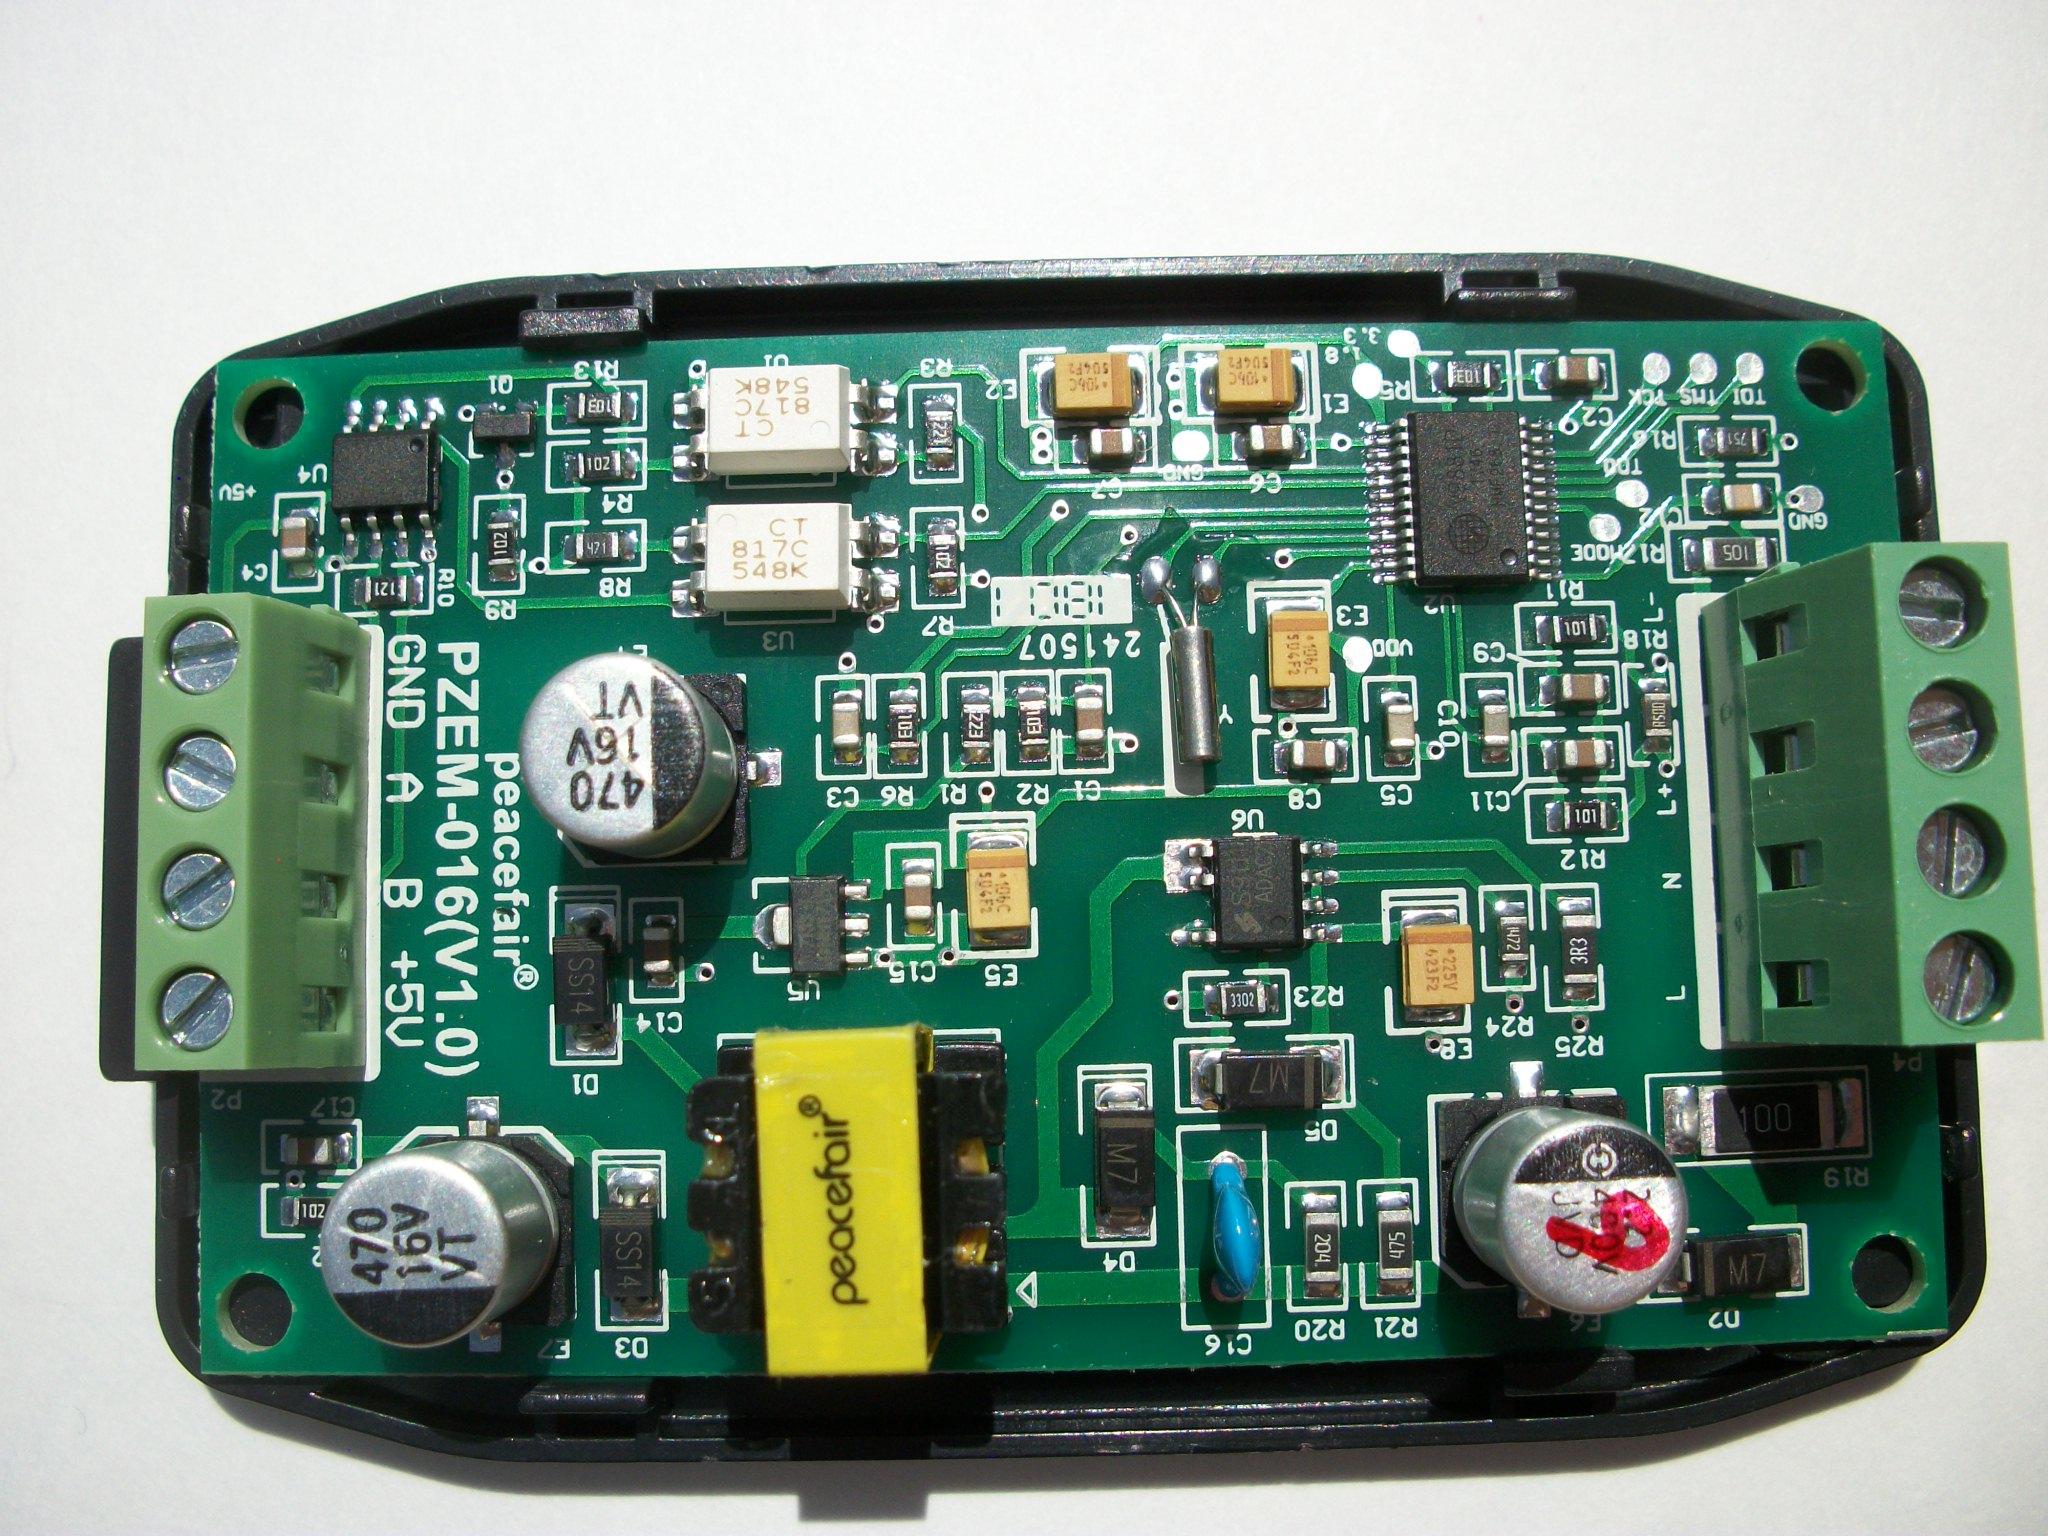 PZEM-016 single phase modbus energy meter - Hardware - Community